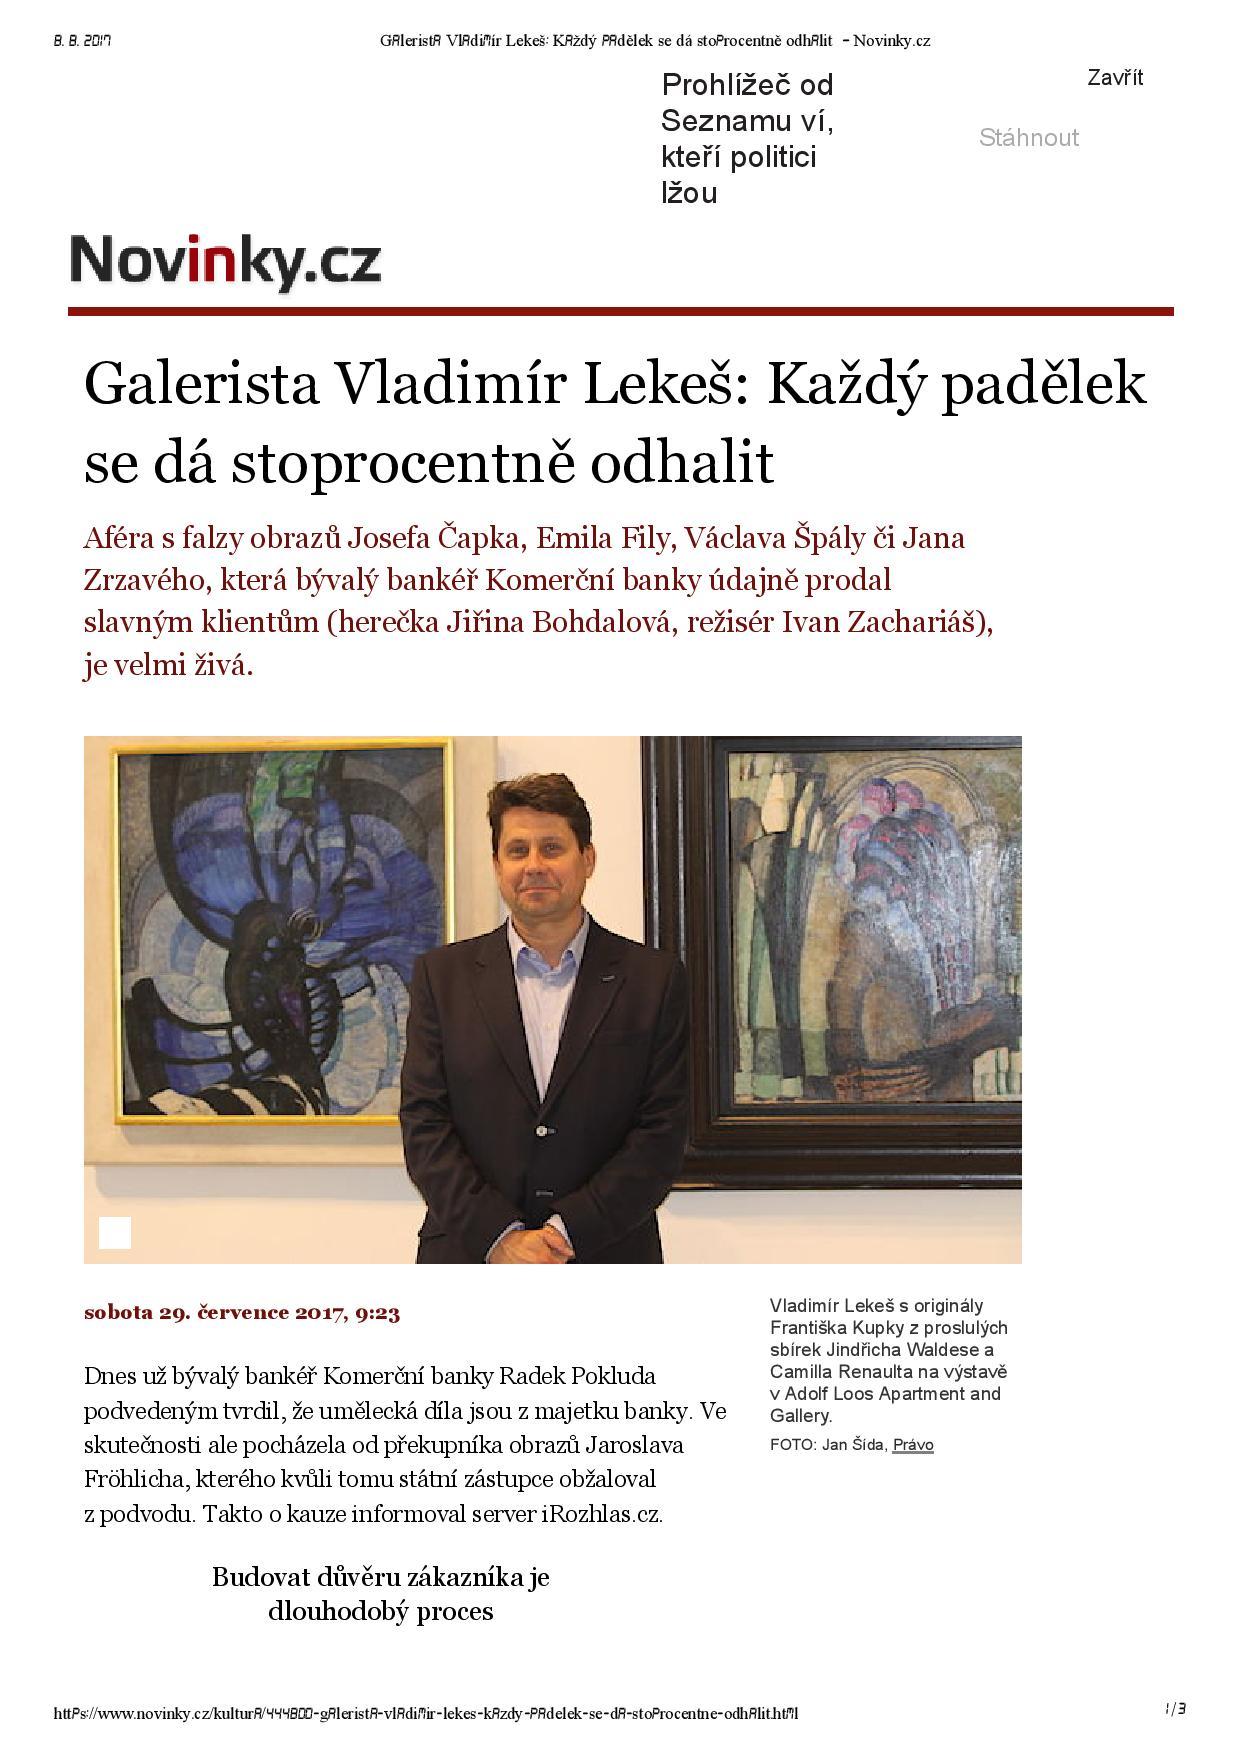 Novinky.cz, 29.7.2017, str. 1